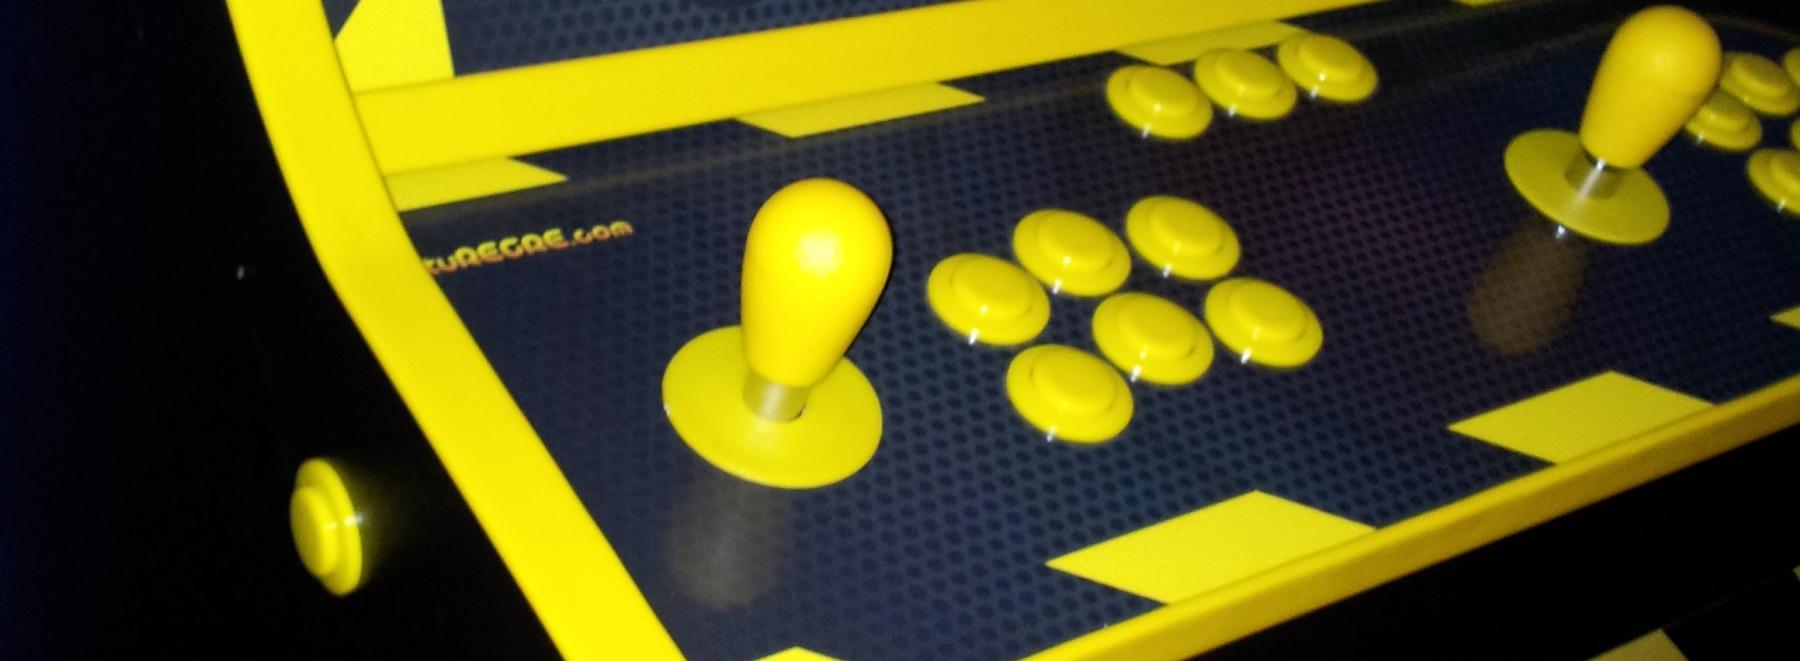 Yellow CAB (el primer diseño de tuRECRE)